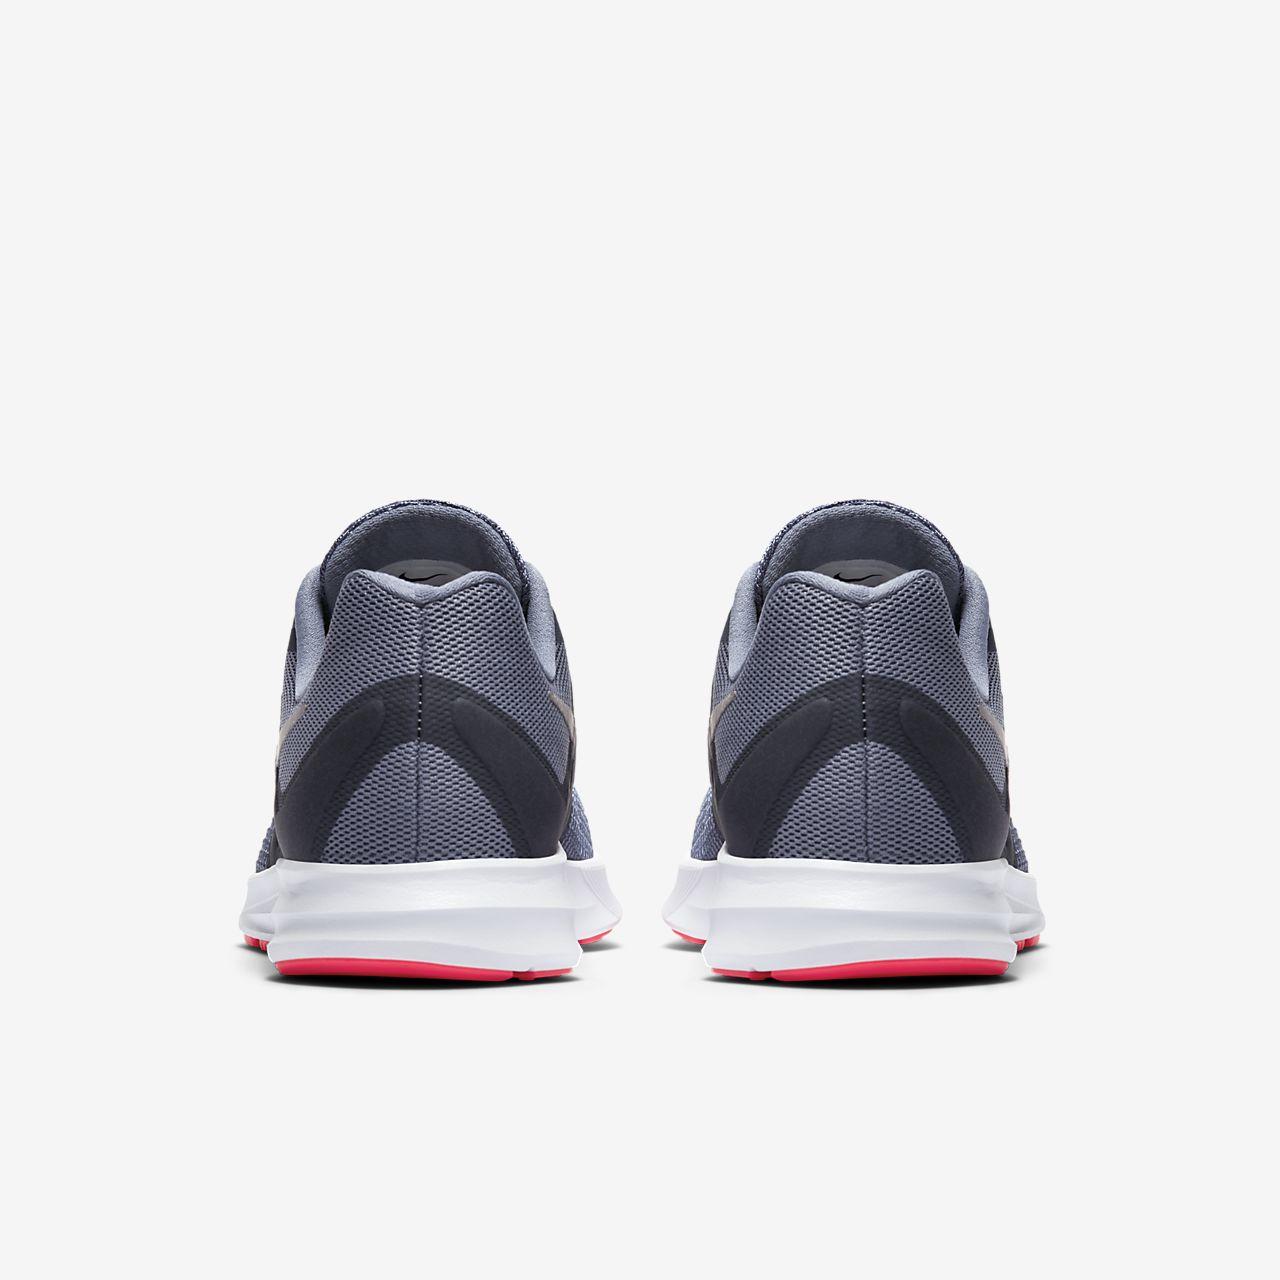 wholesale dealer b76ca 8599f ... Chaussure de running Nike Downshifter 7 pour Enfant plus âgé